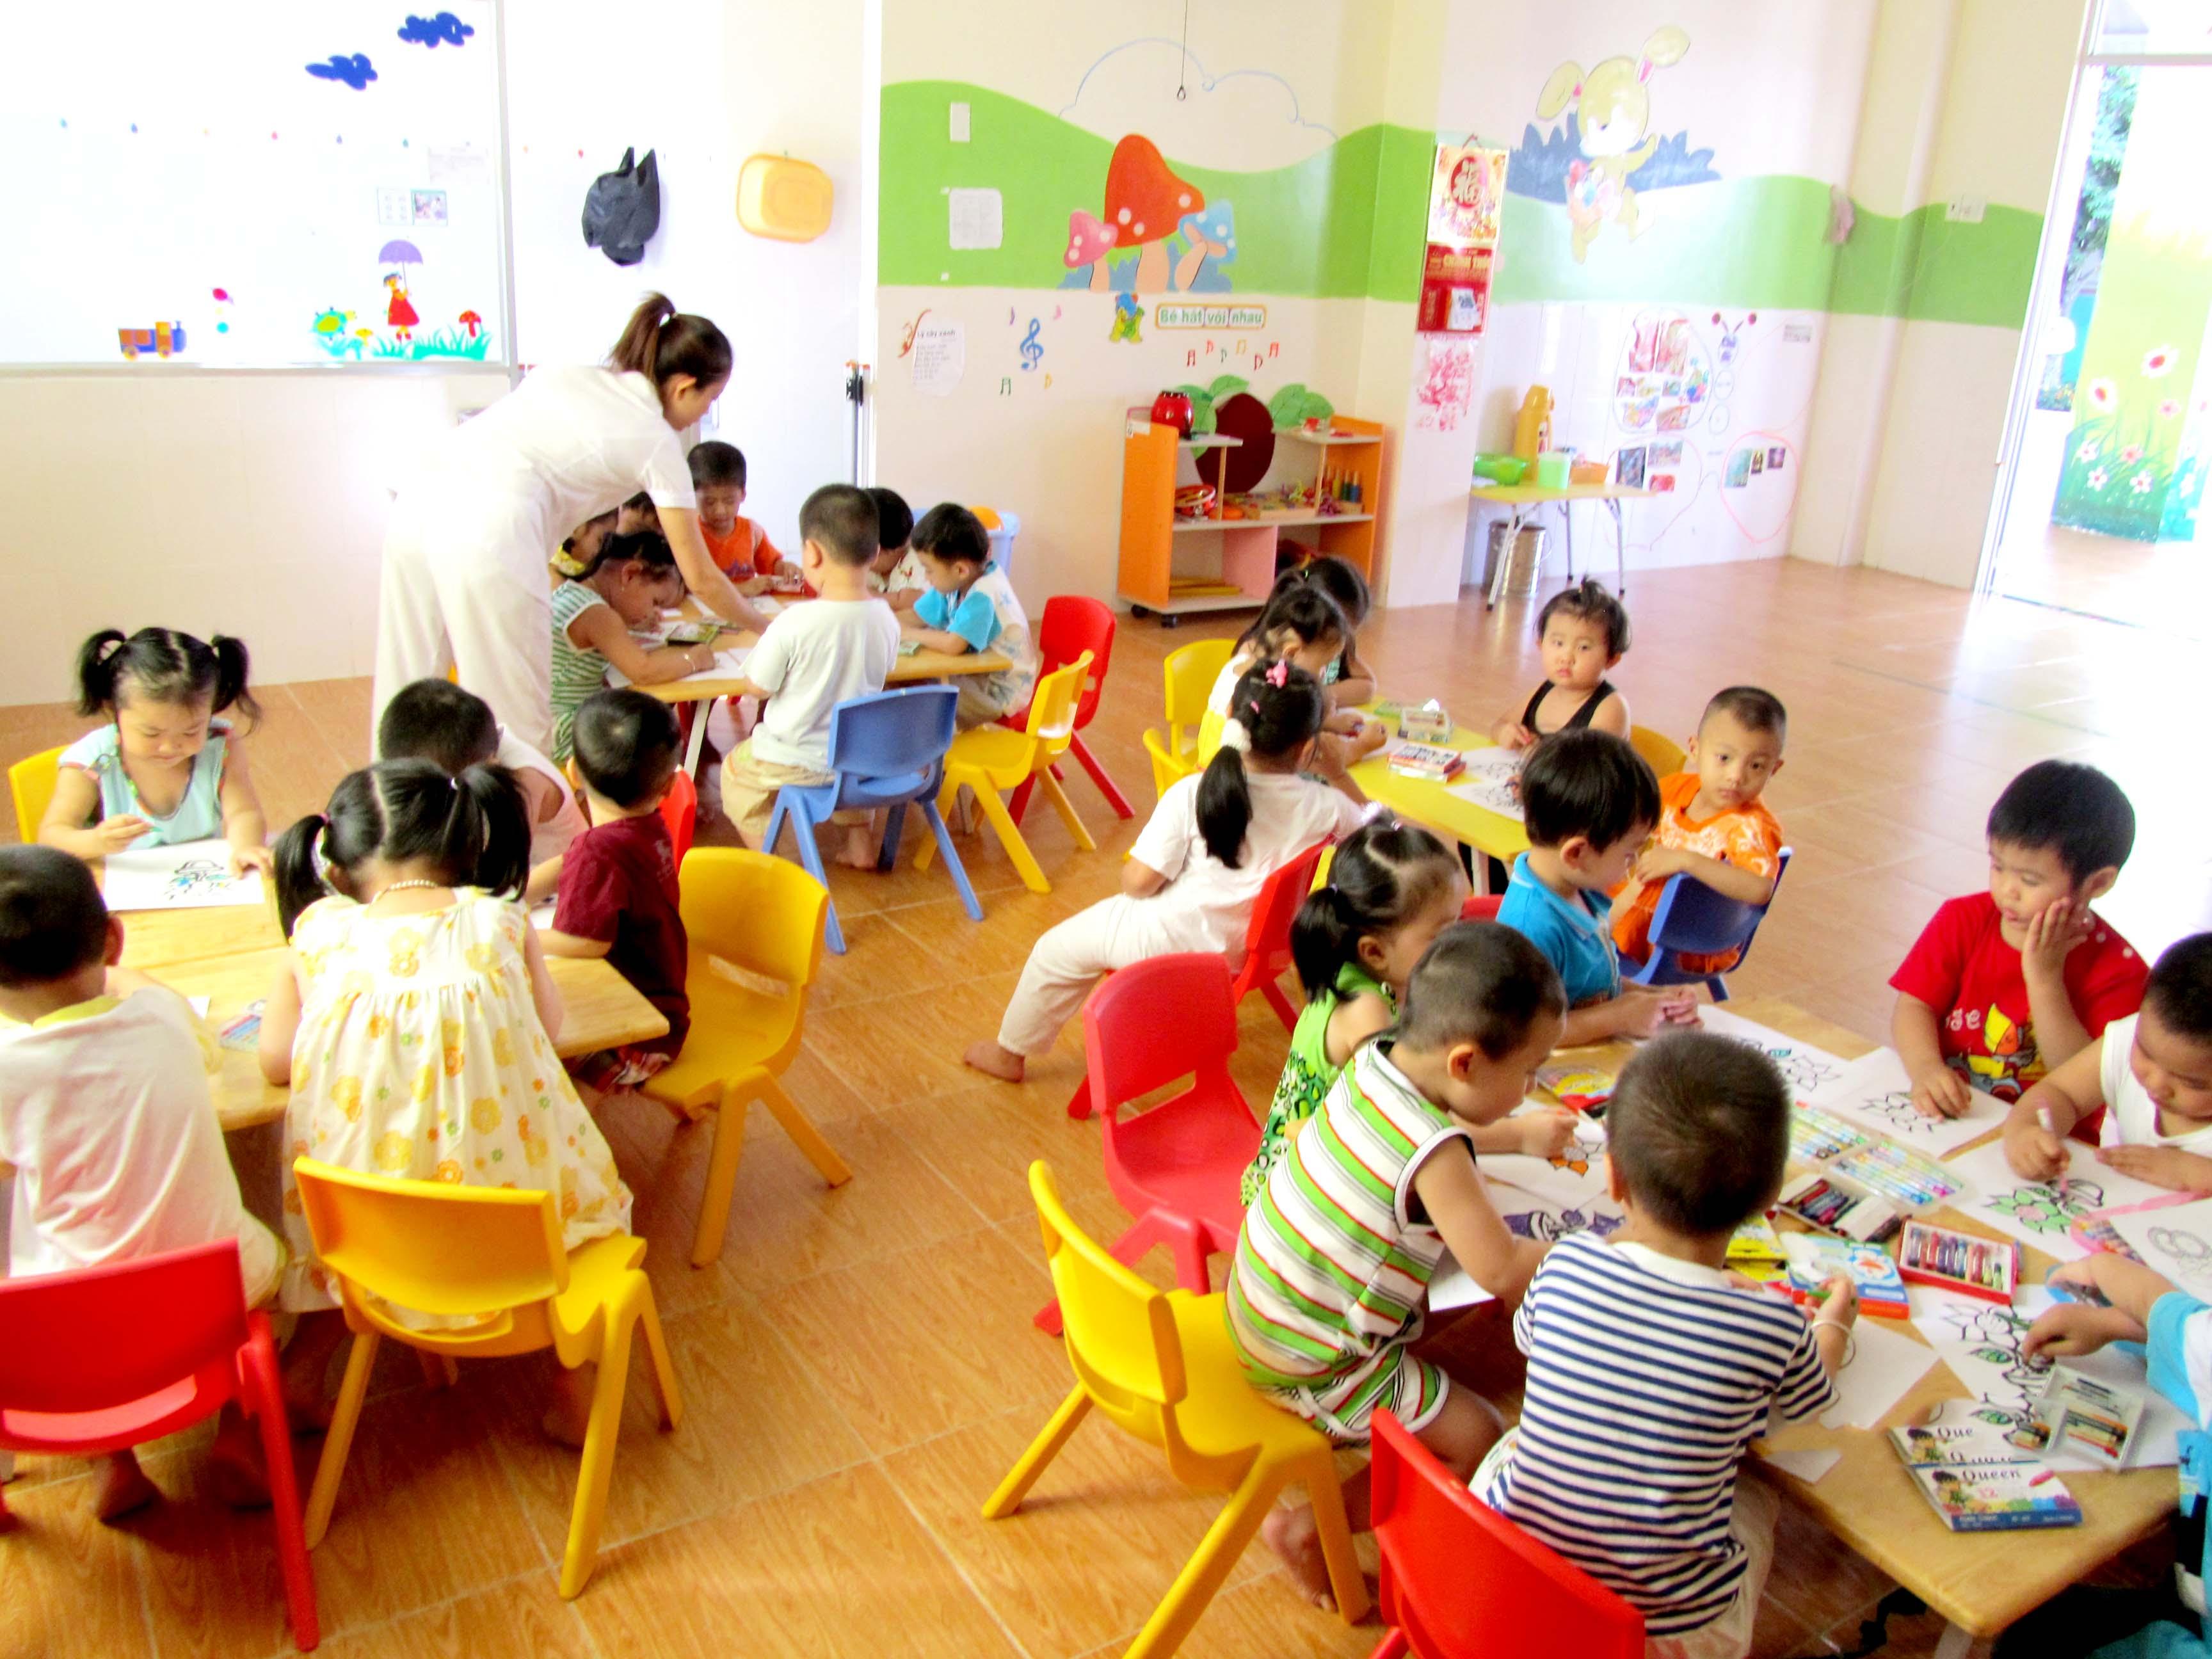 Trường mầm non Tuổi Thần Tiên - Võ Trường Toản